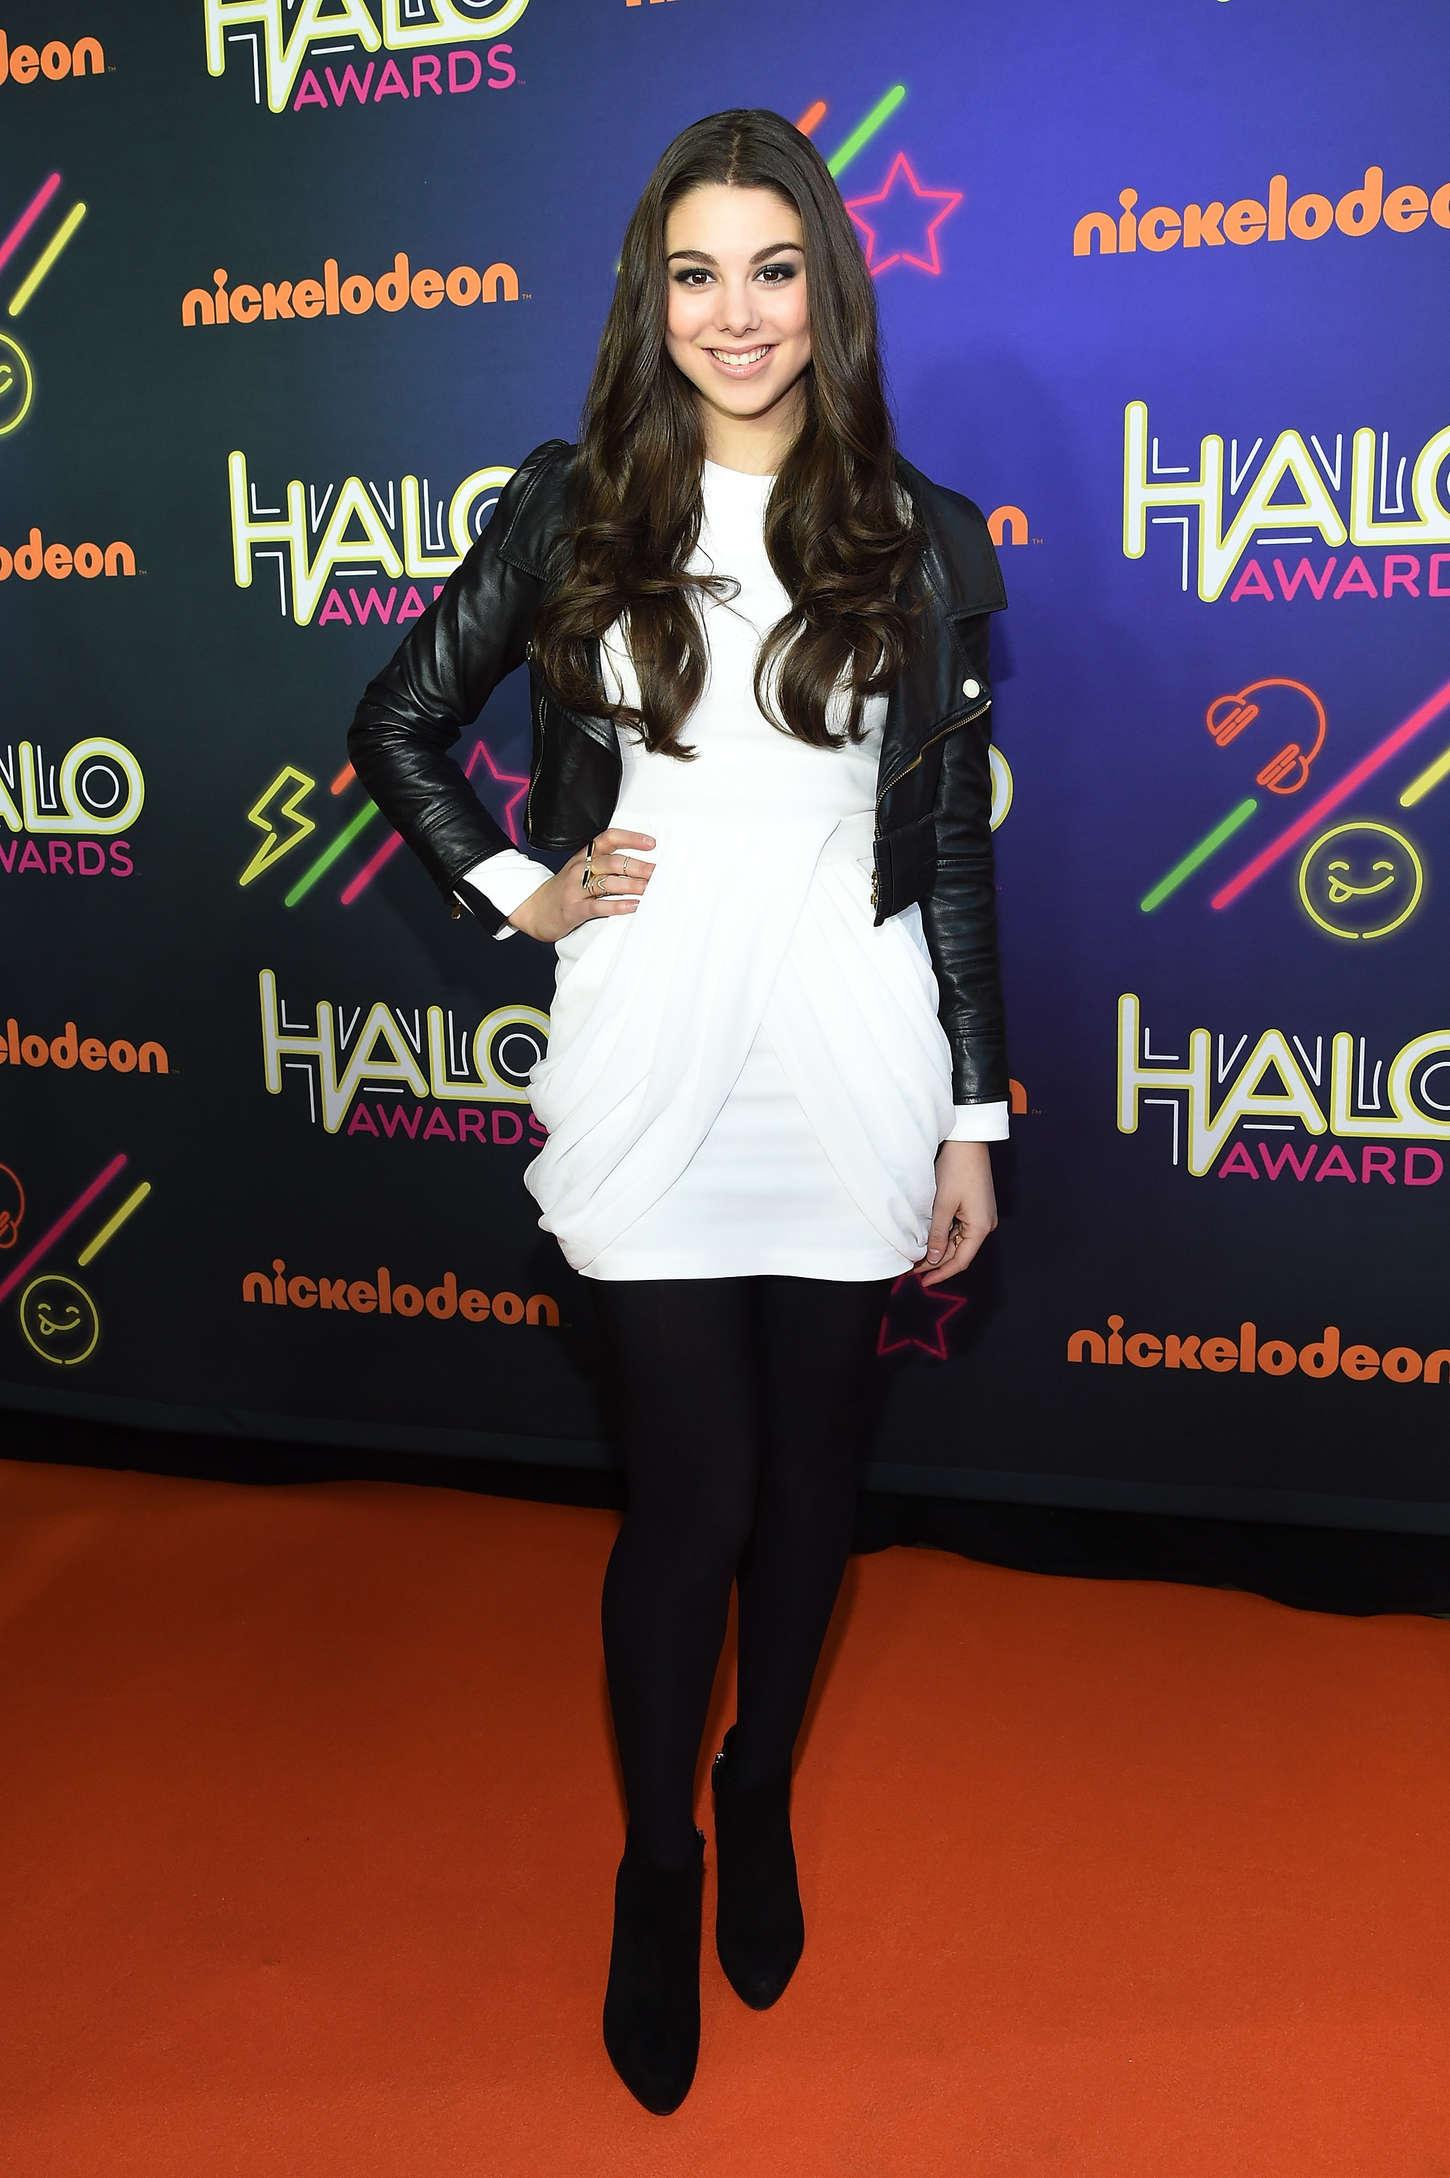 Kira Kosarin 6th Annual Nickelodeon Halo Awards In Nyc